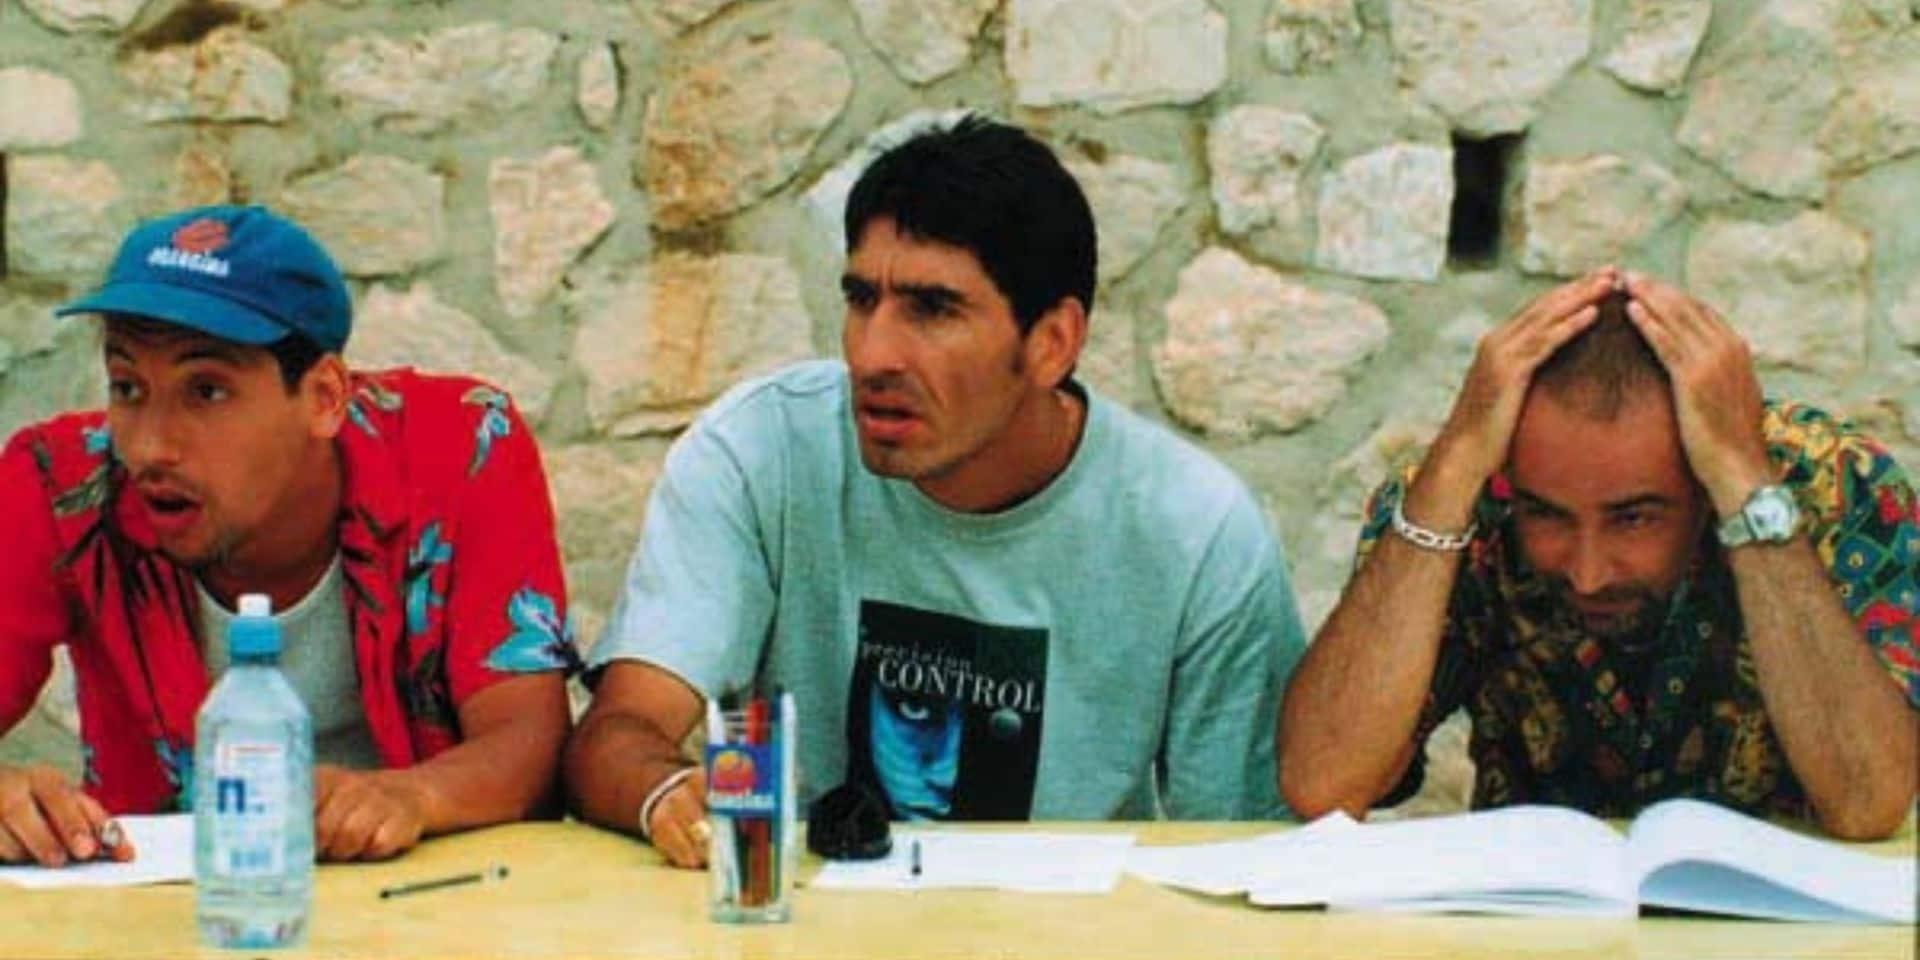 """Le football à l'écran, notre sélection de films et séries: """"Les collègues"""", héros du gazon version marseillaise"""